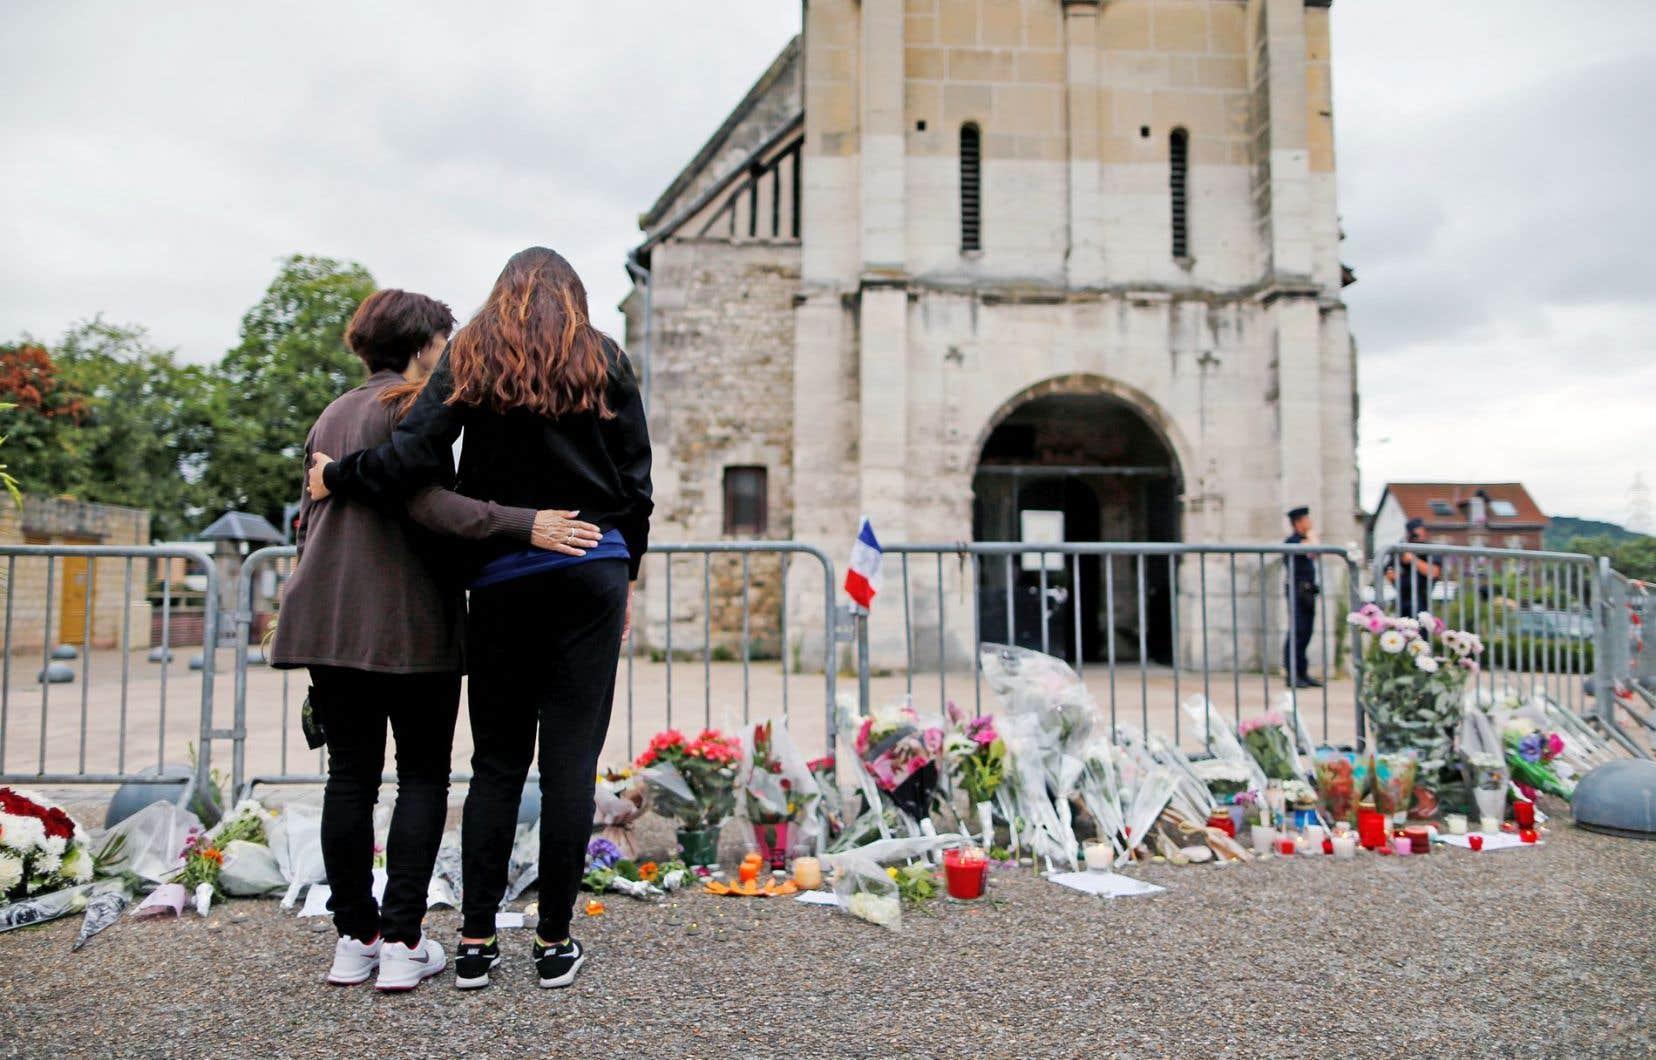 Des gerbes de fleurs ont été déposées mercredi devant l'église de Saint-Étienne-du-Rouvray, où un prêtre a été assassiné mardi. À Paris, dignitaires religieux français et politiciens ont assisté à une messe hommage à la cathédrale Notre-Dame-de-Paris.